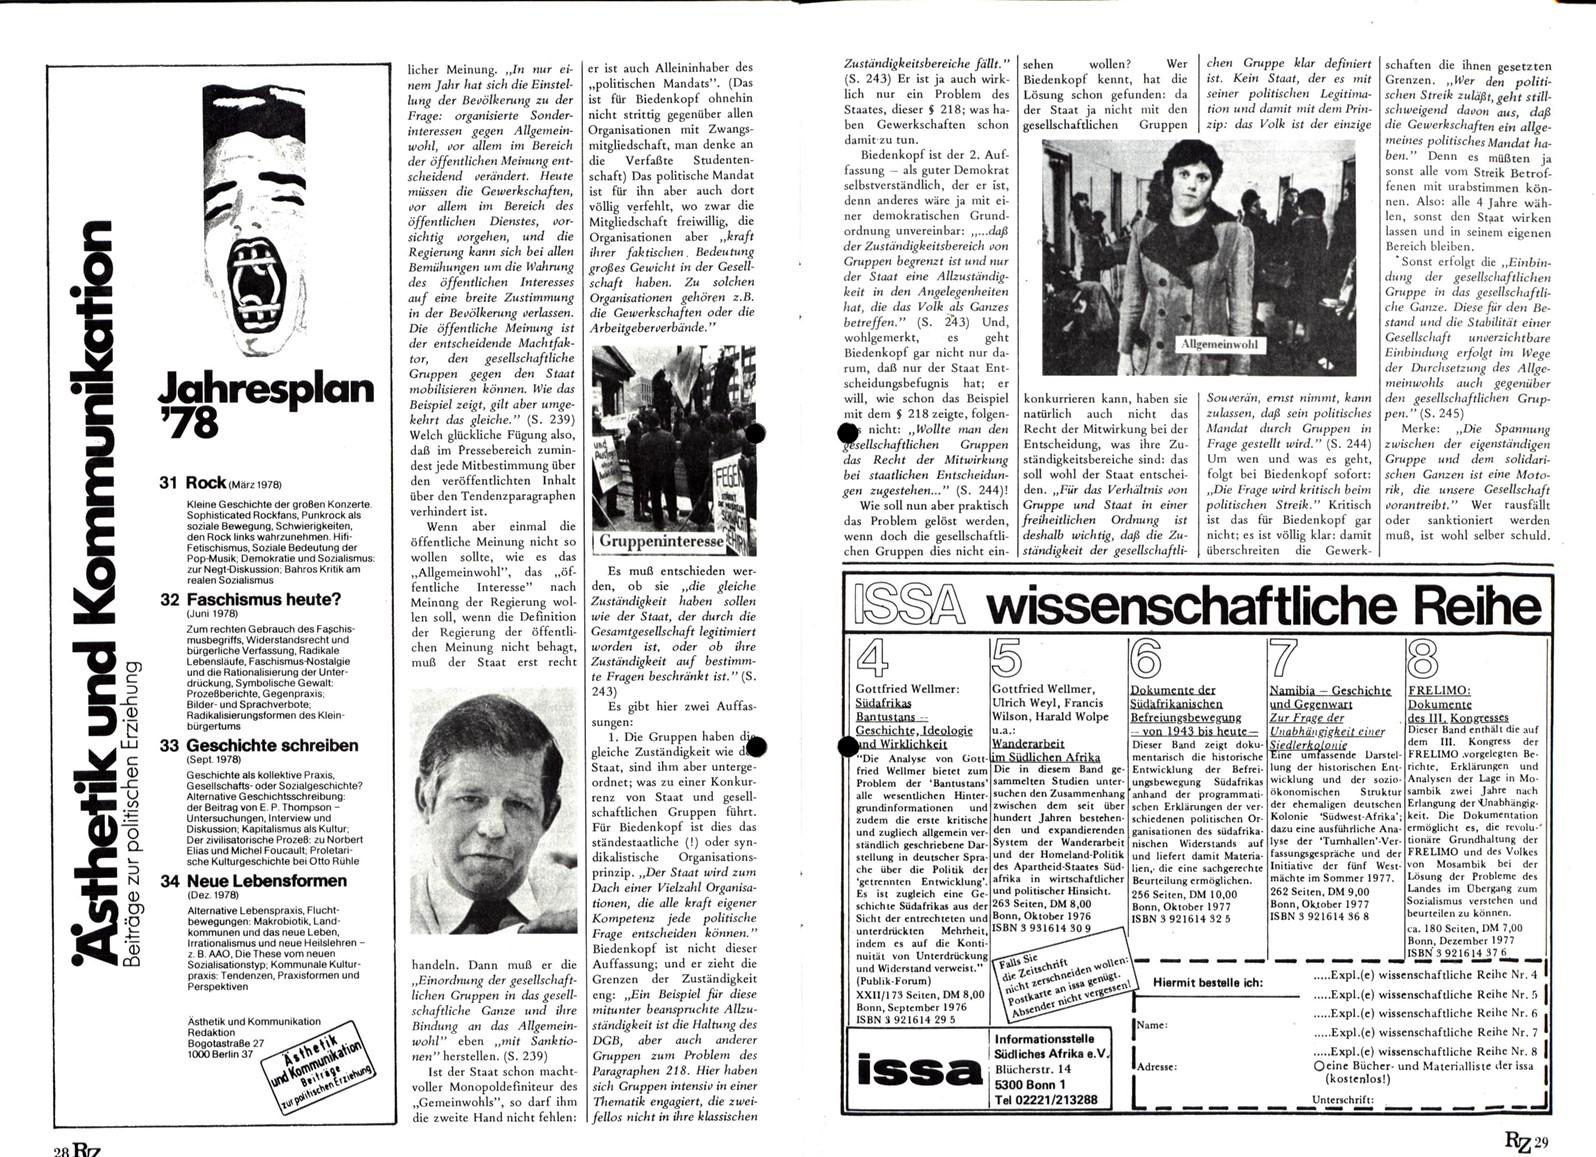 Bonn_RZ_15_19780500_15